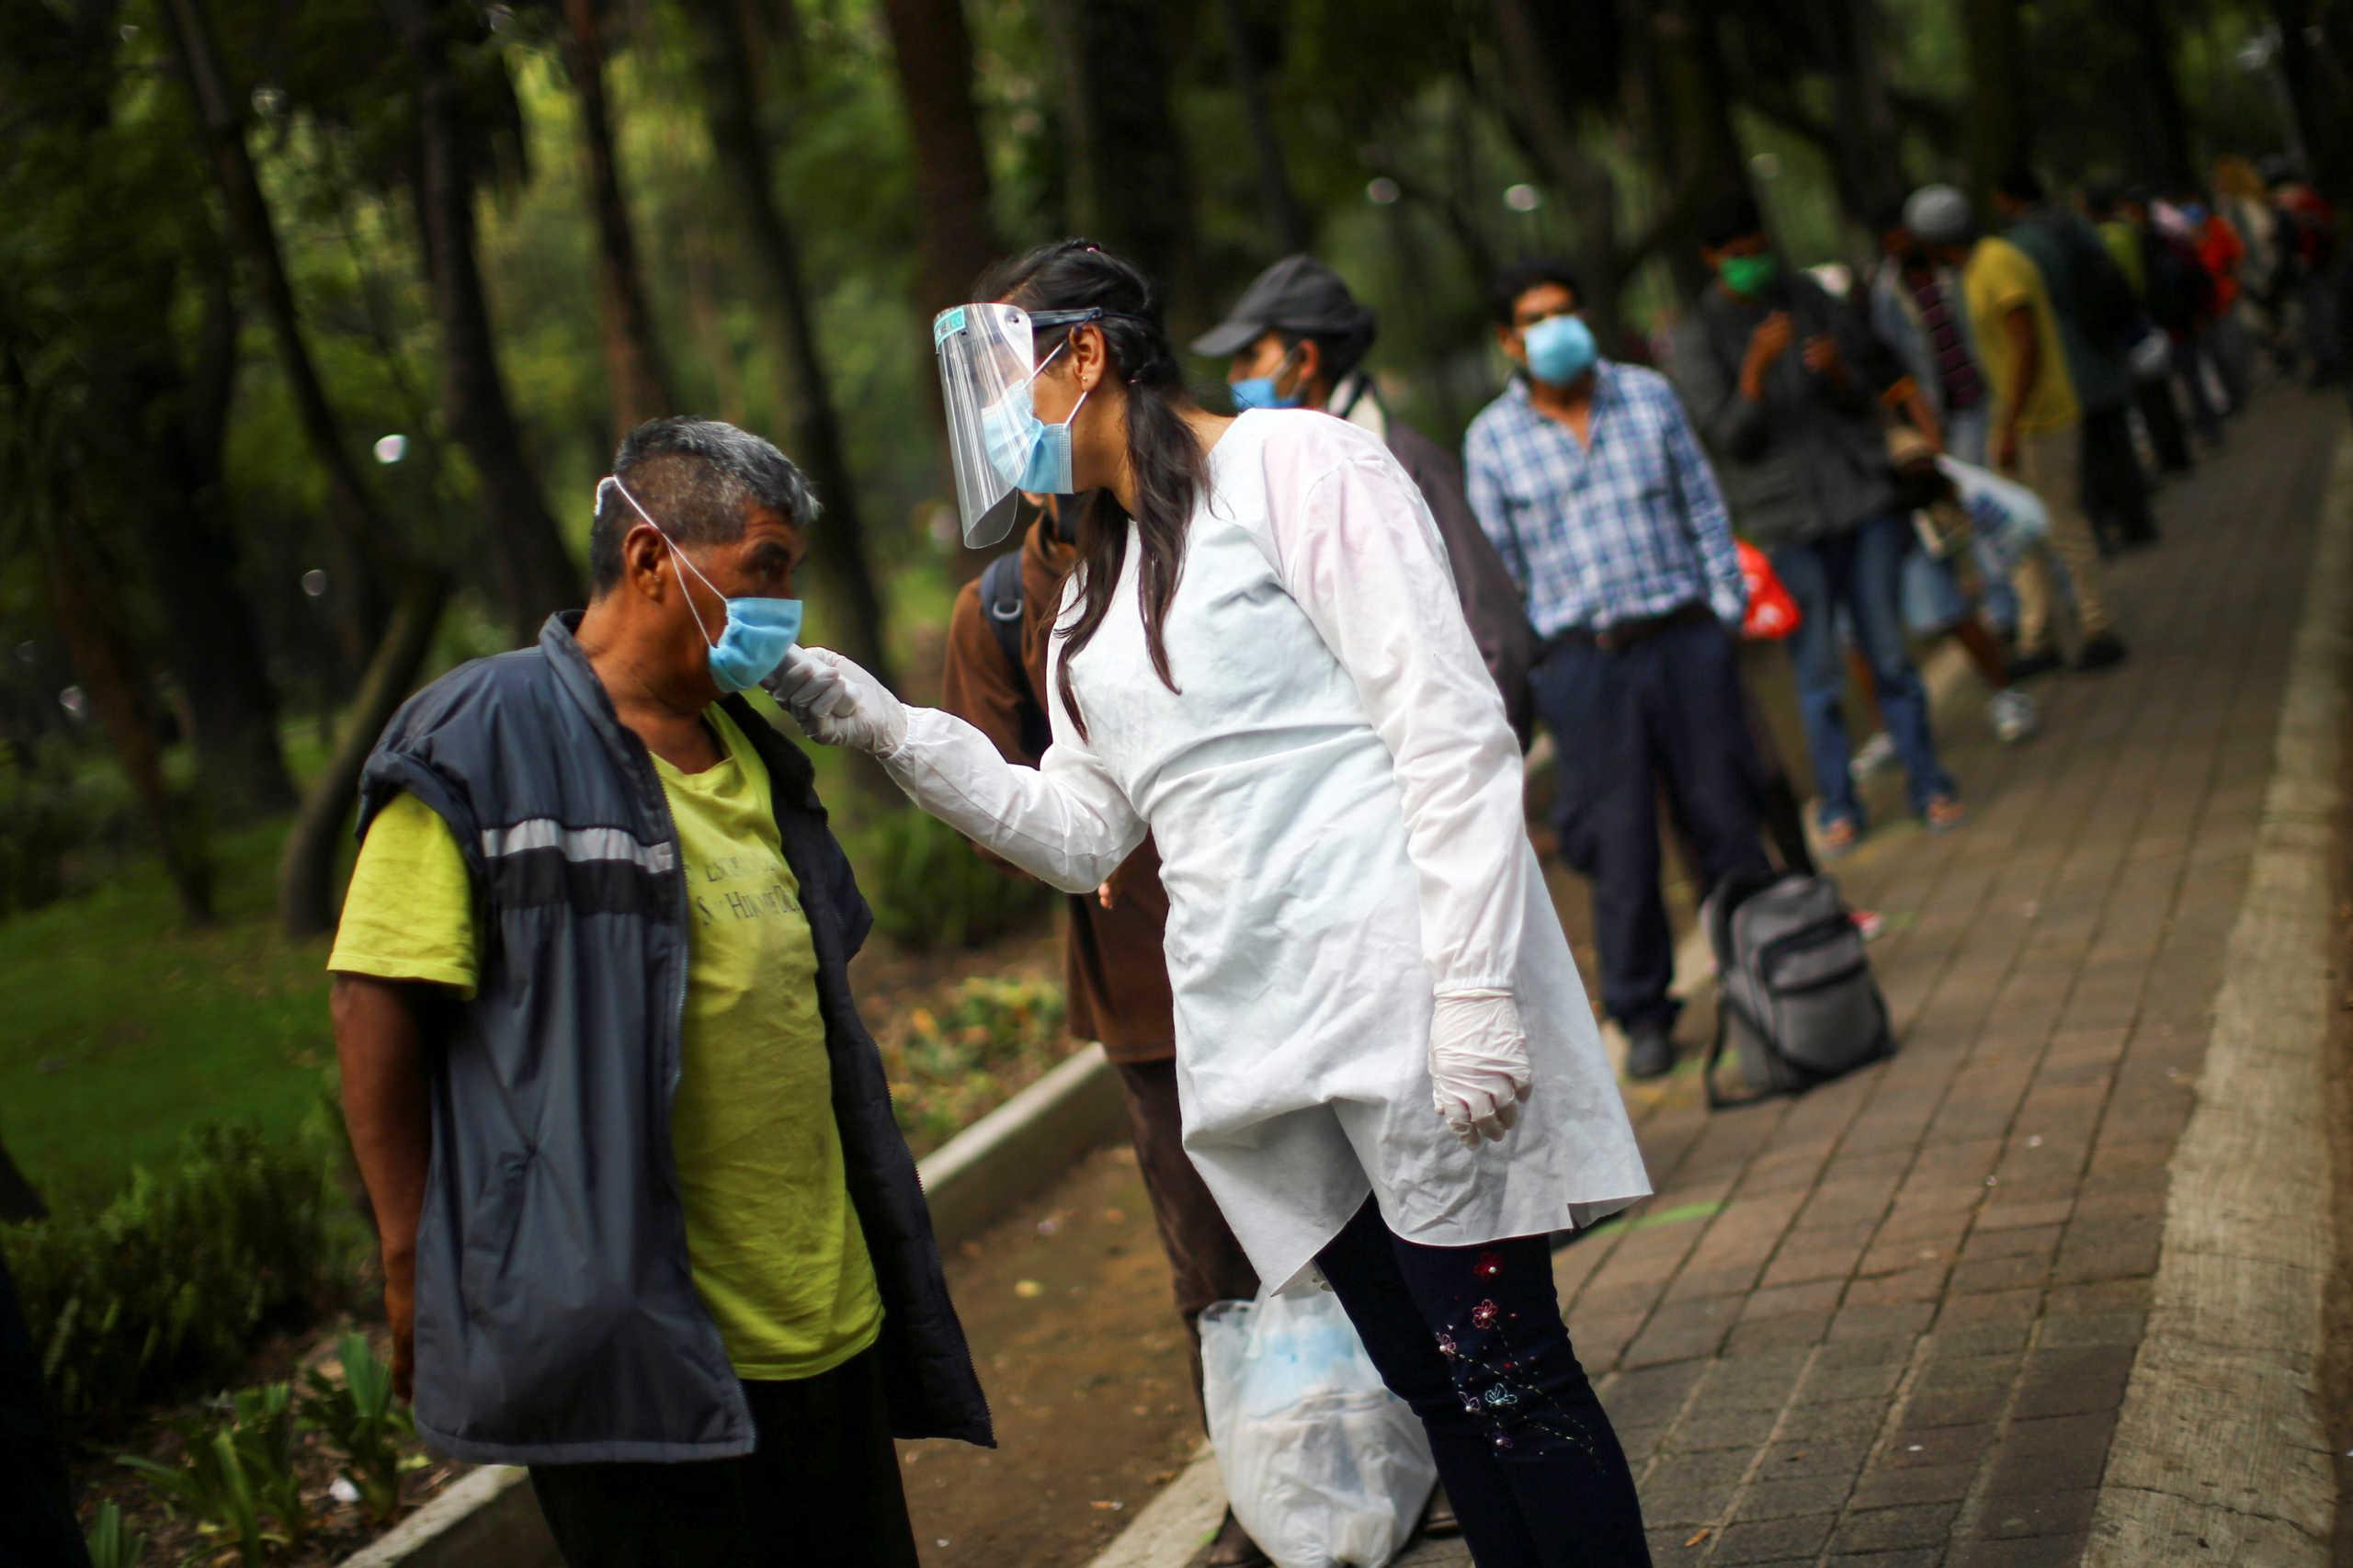 Καλπάζει ο κορονοϊός στη Λατινική Αμερική: Χιλιάδες κρούσματα σε Βραζιλία, Αργεντινή και Μεξικό